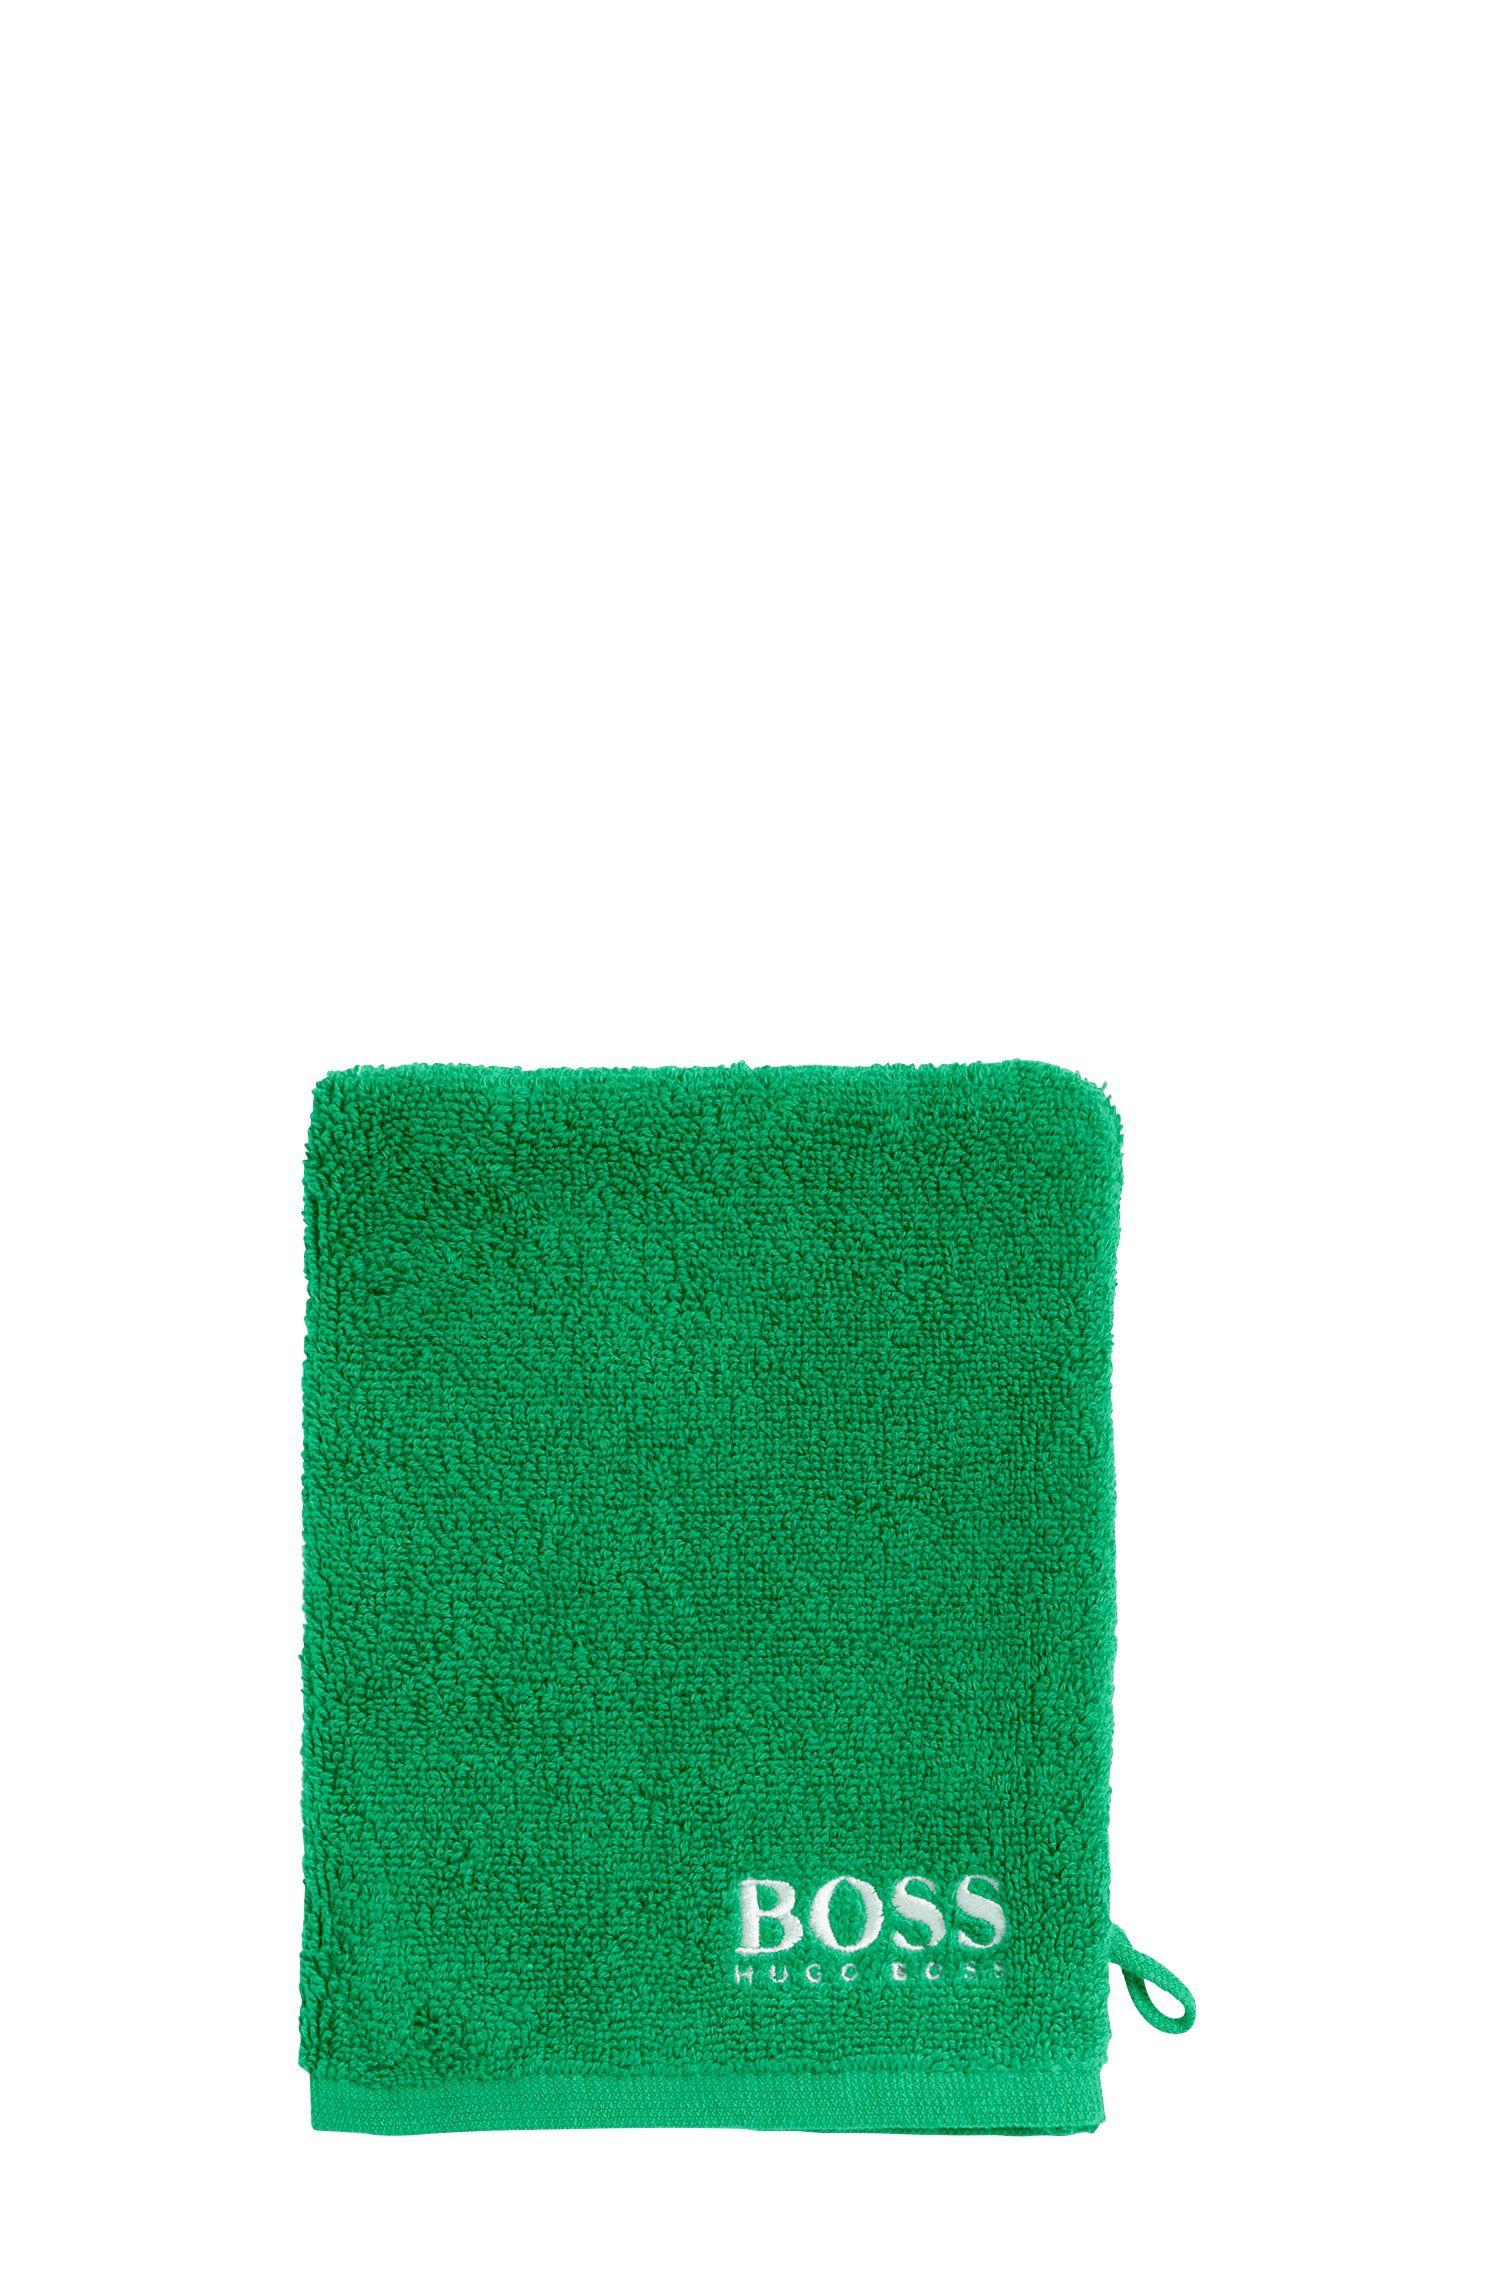 Wash glove 'PLAIN' in cotton